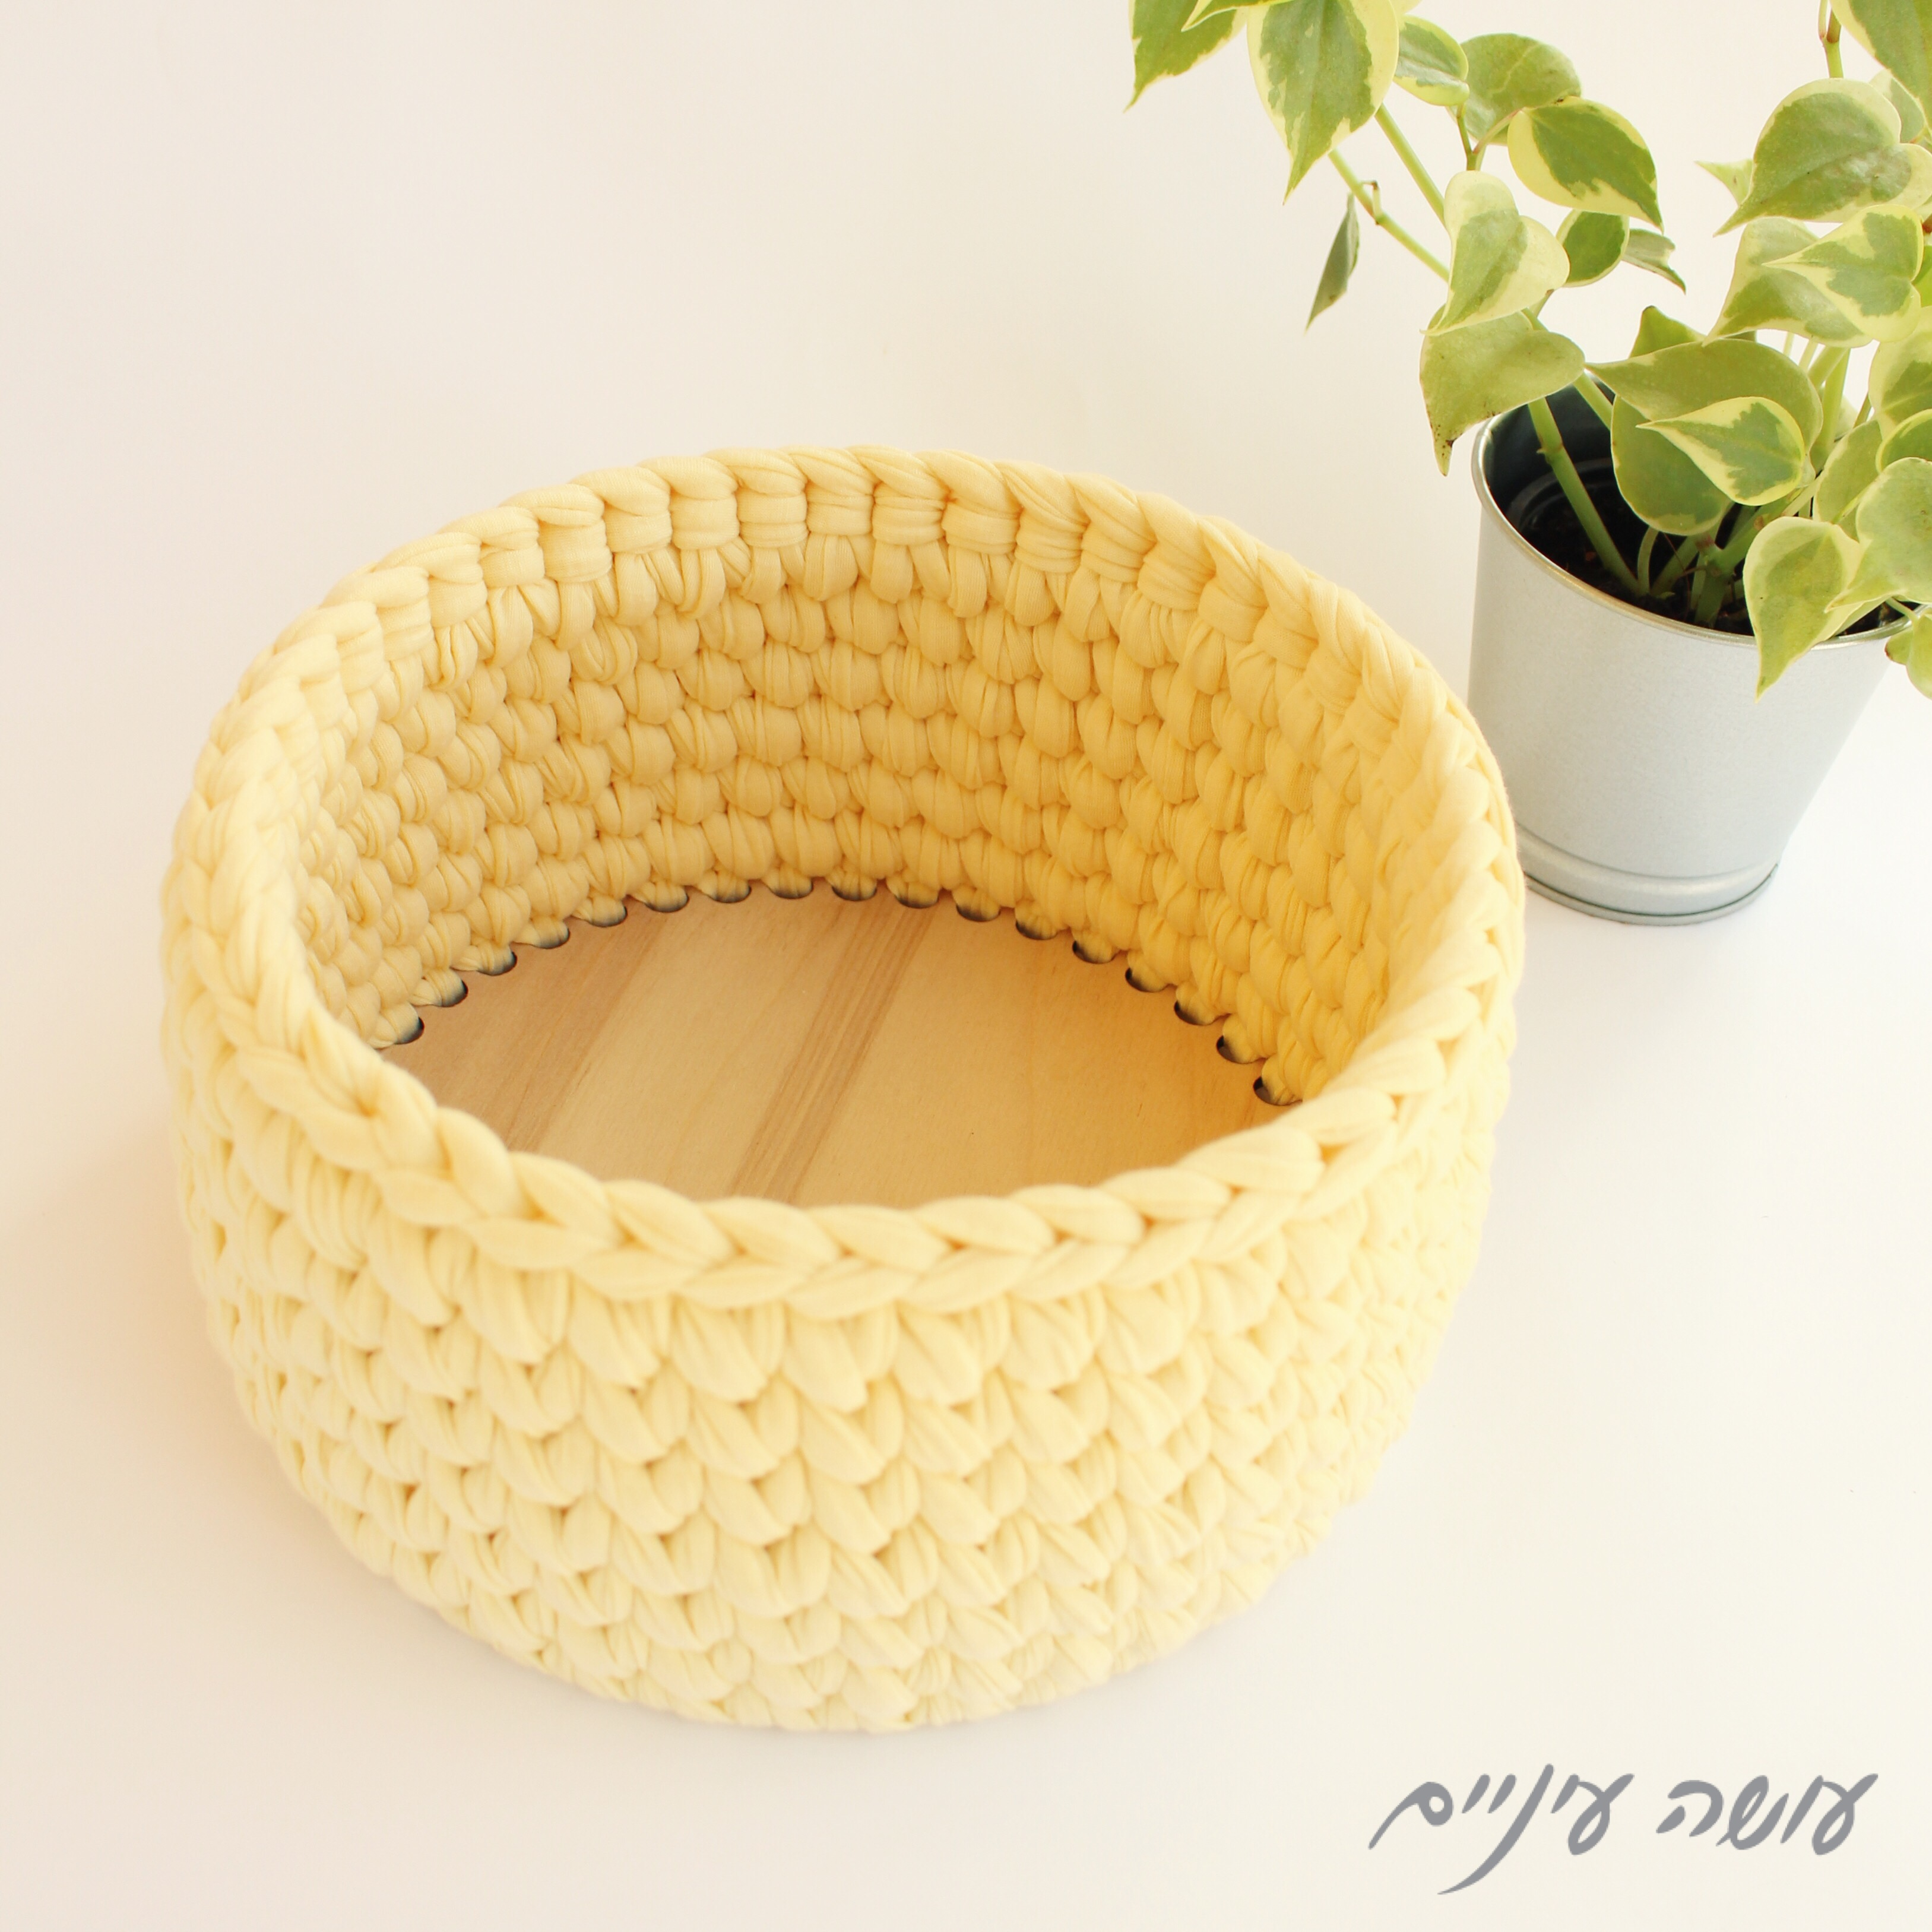 עושה עיניים - איך סורגים סלסלה מחוטי טריקו על תחתית || Osa Einaim - crochet t-shirt yarn basket